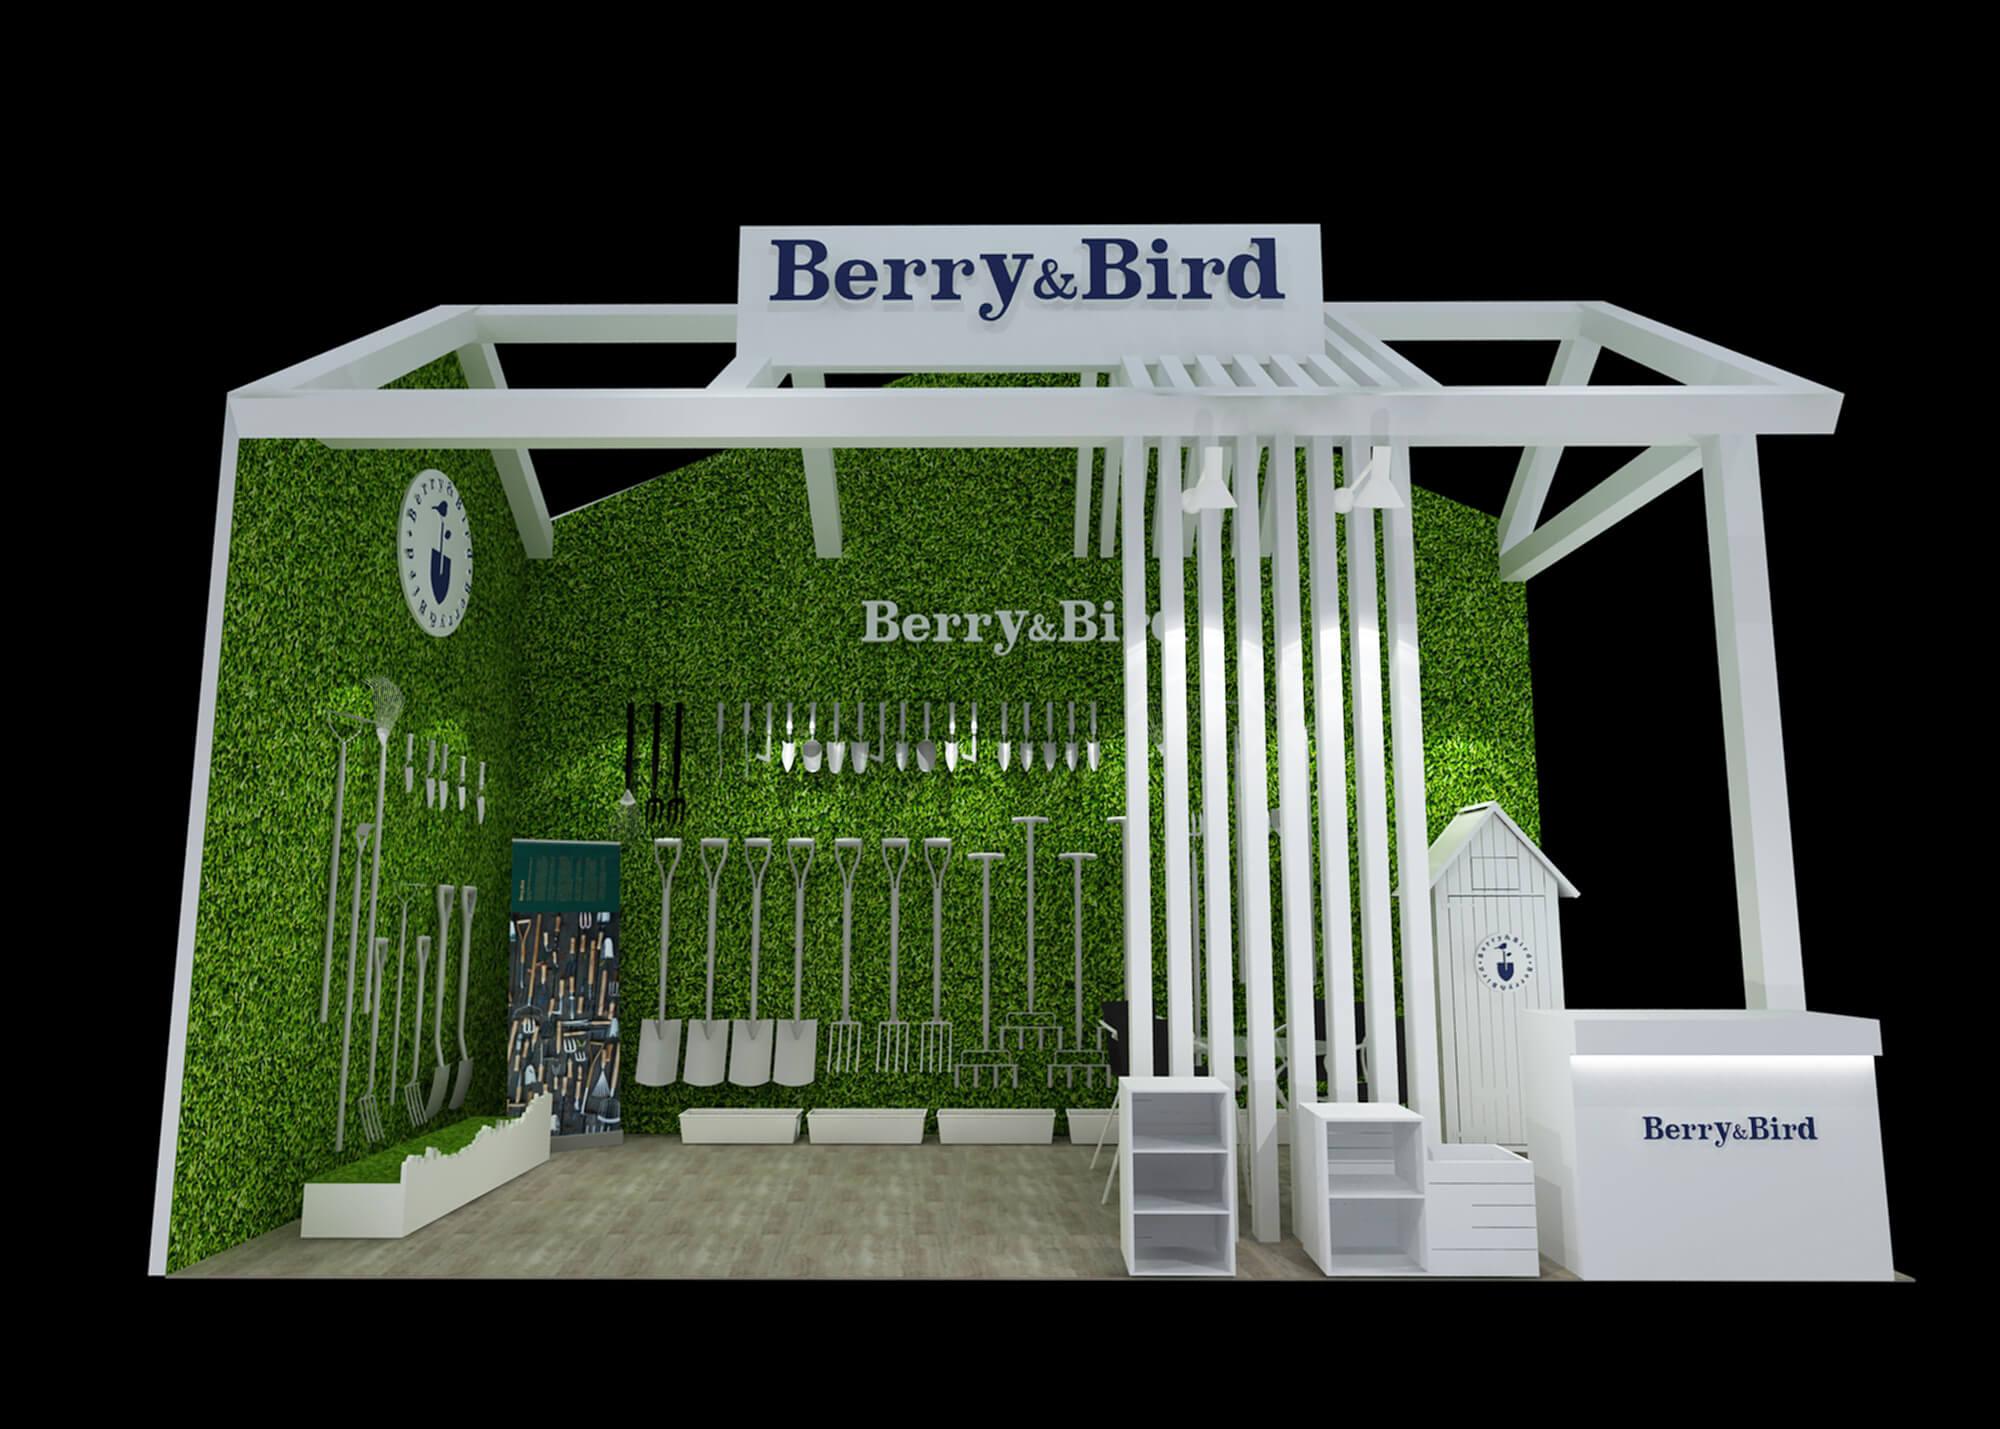 园艺展展览设计搭建